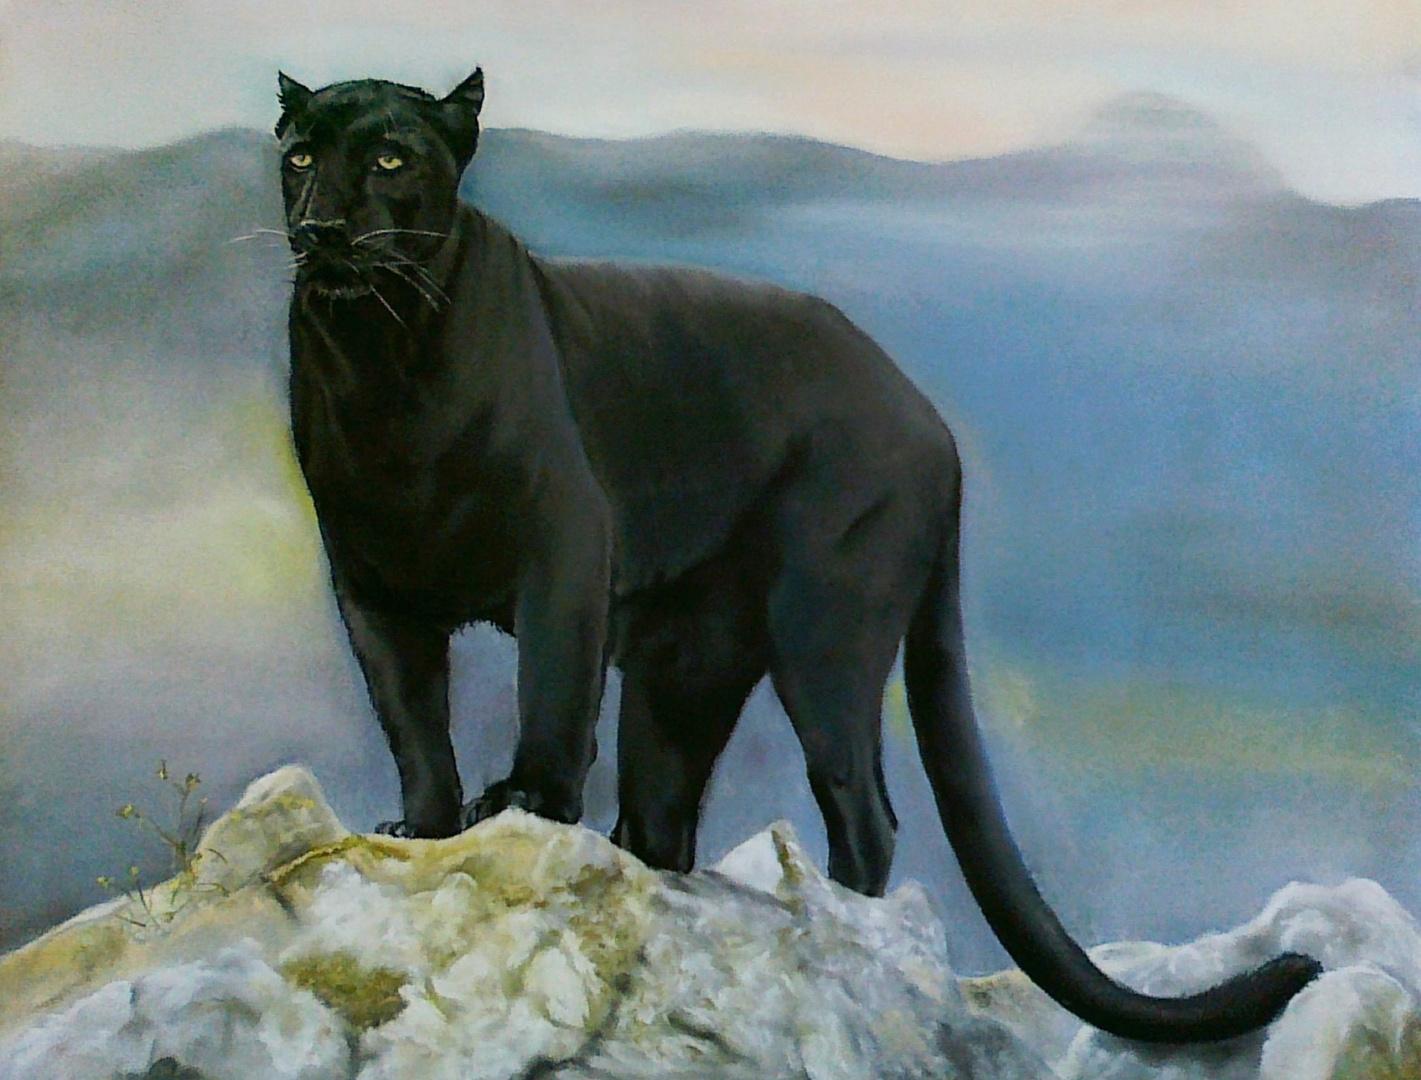 schwarzer Panther - endlich fertig